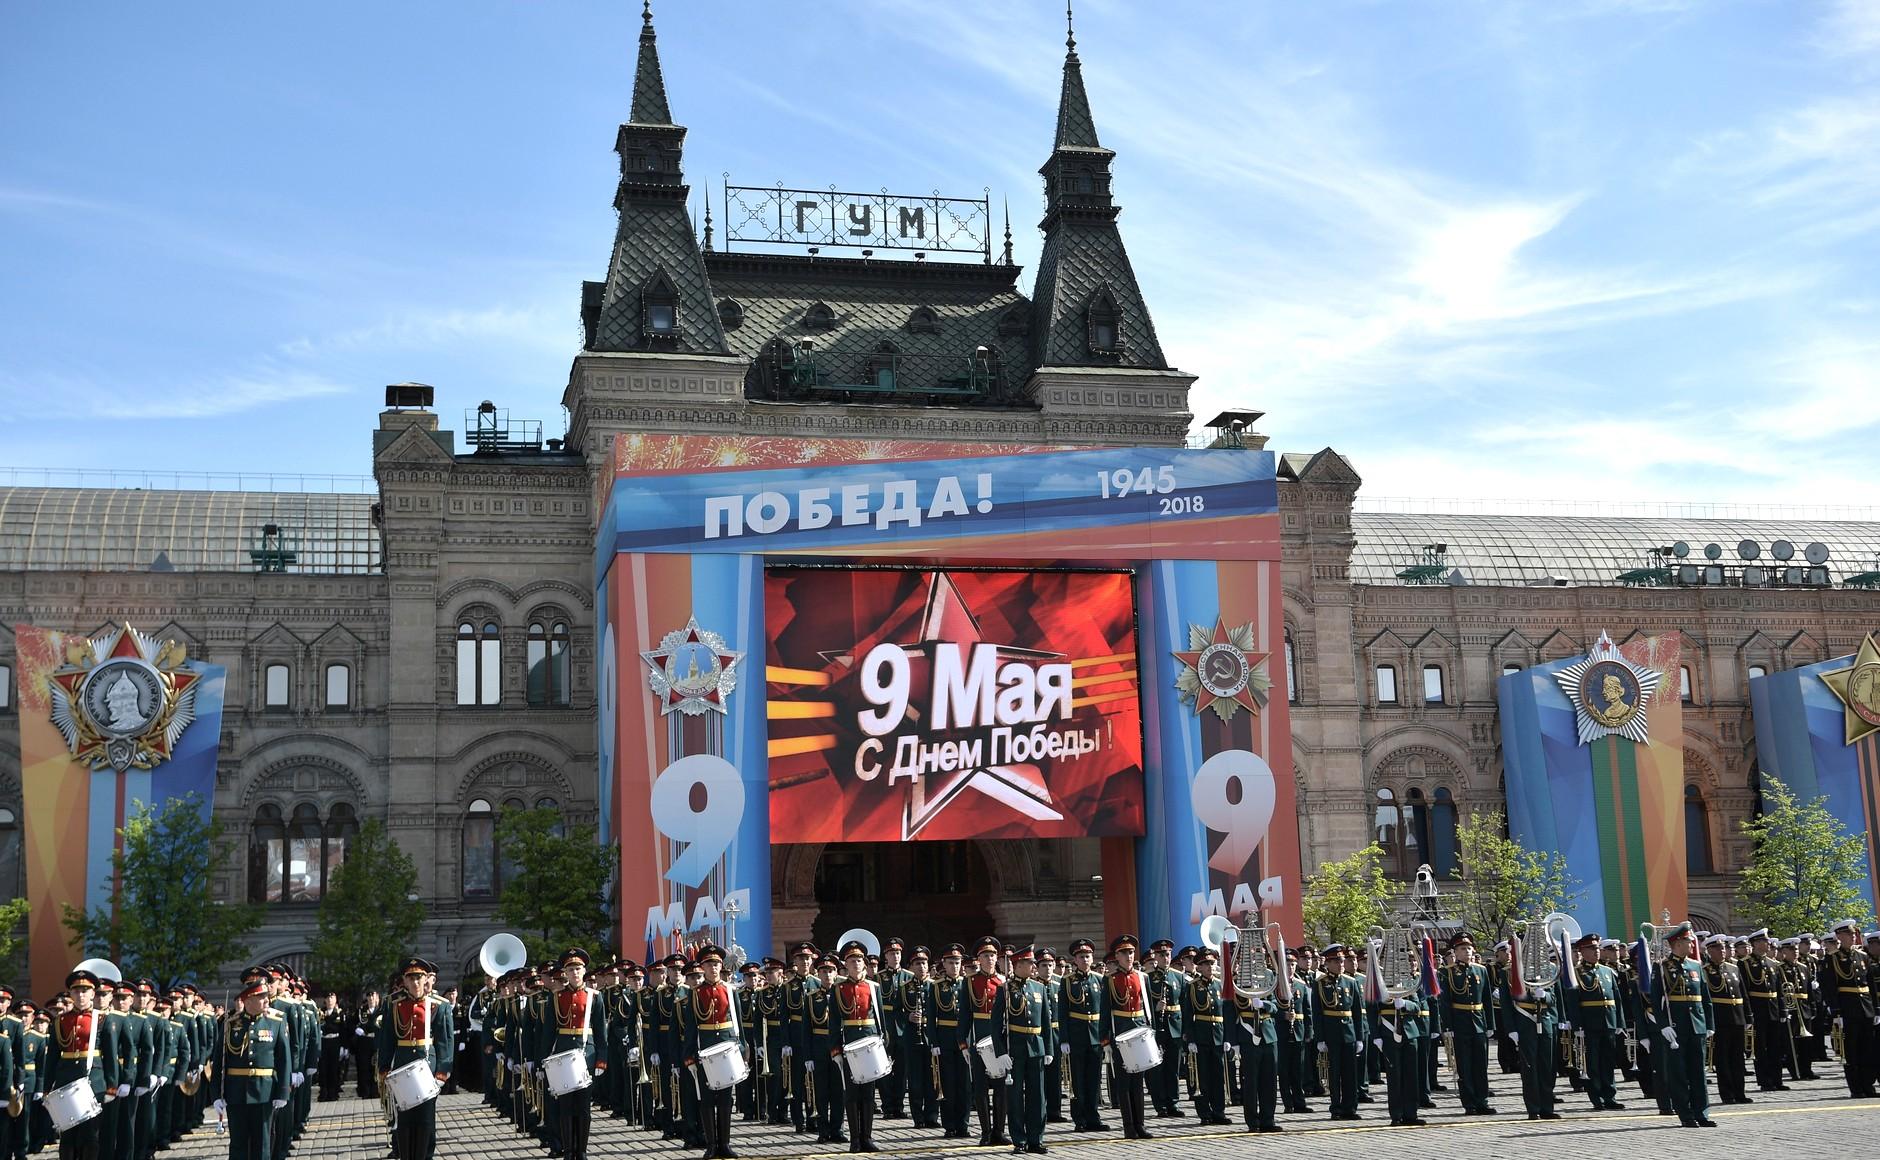 Oslavy konce války 9. května 2018 v Moskvě